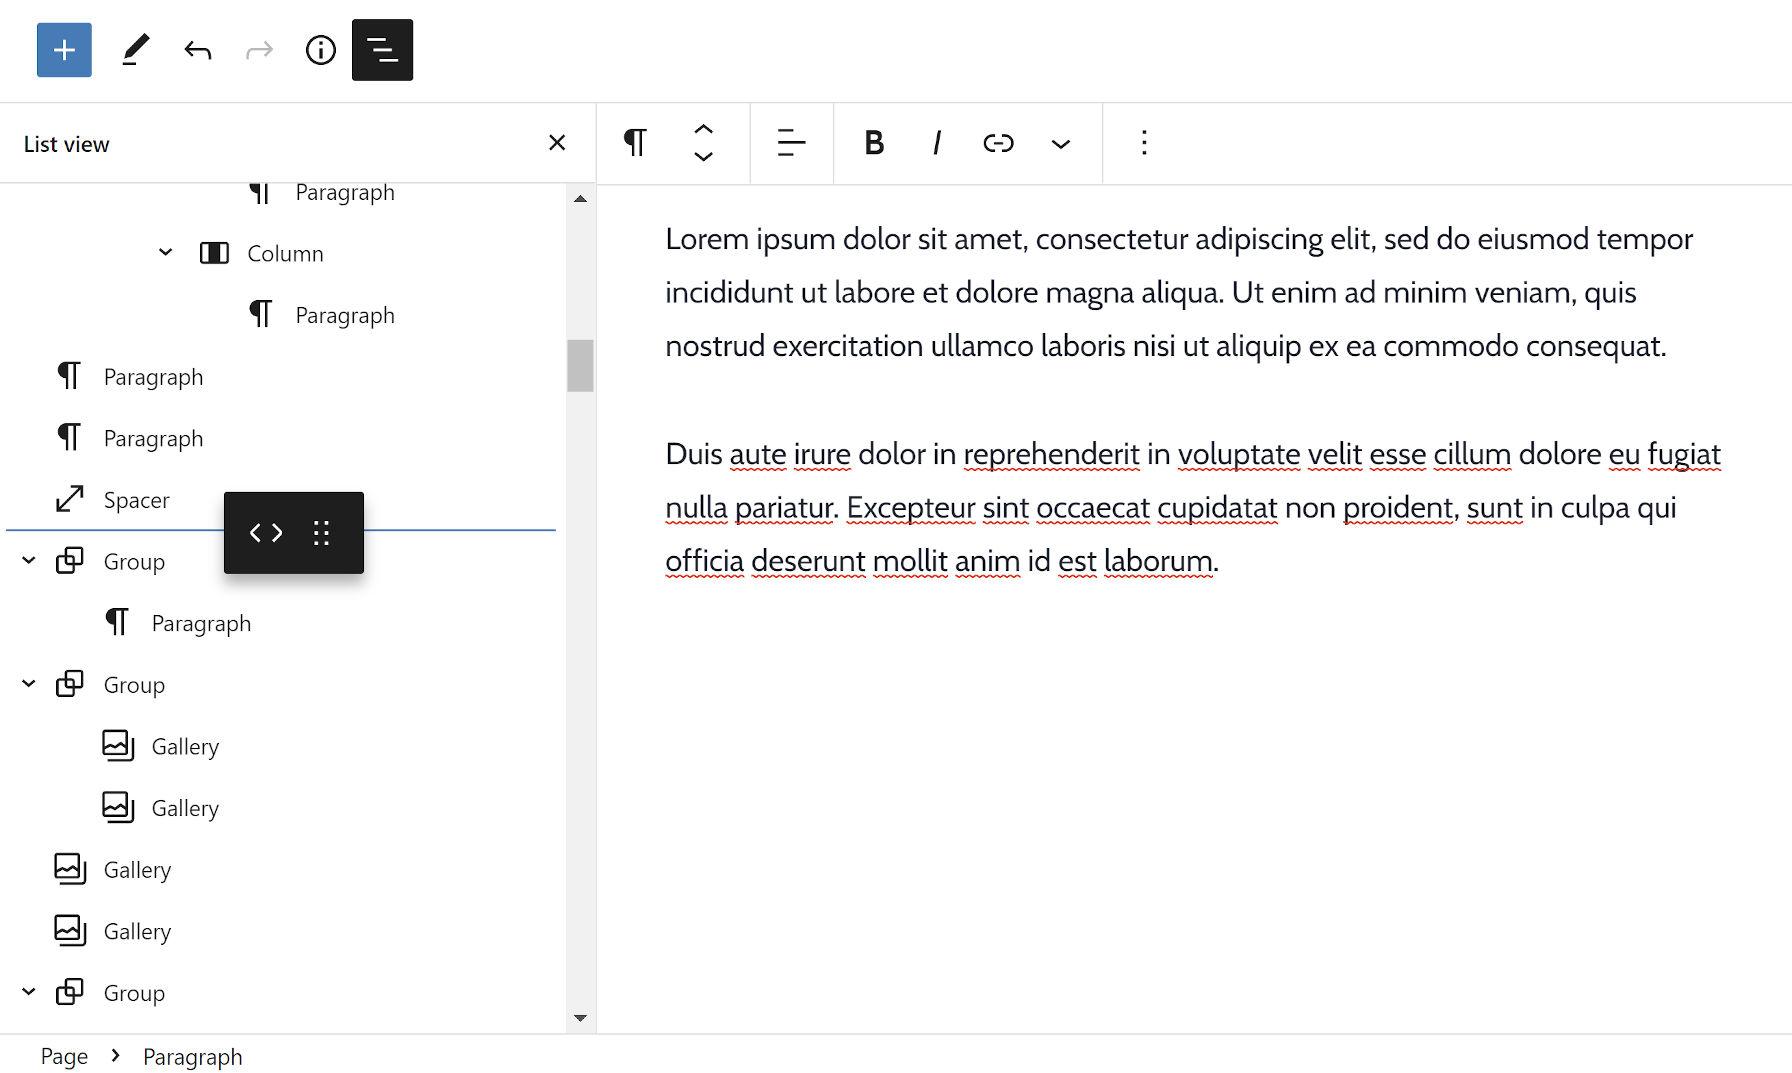 Trascinare un blocco da un'area all'altra all'interno della visualizzazione elenco dell'editor blocchi.